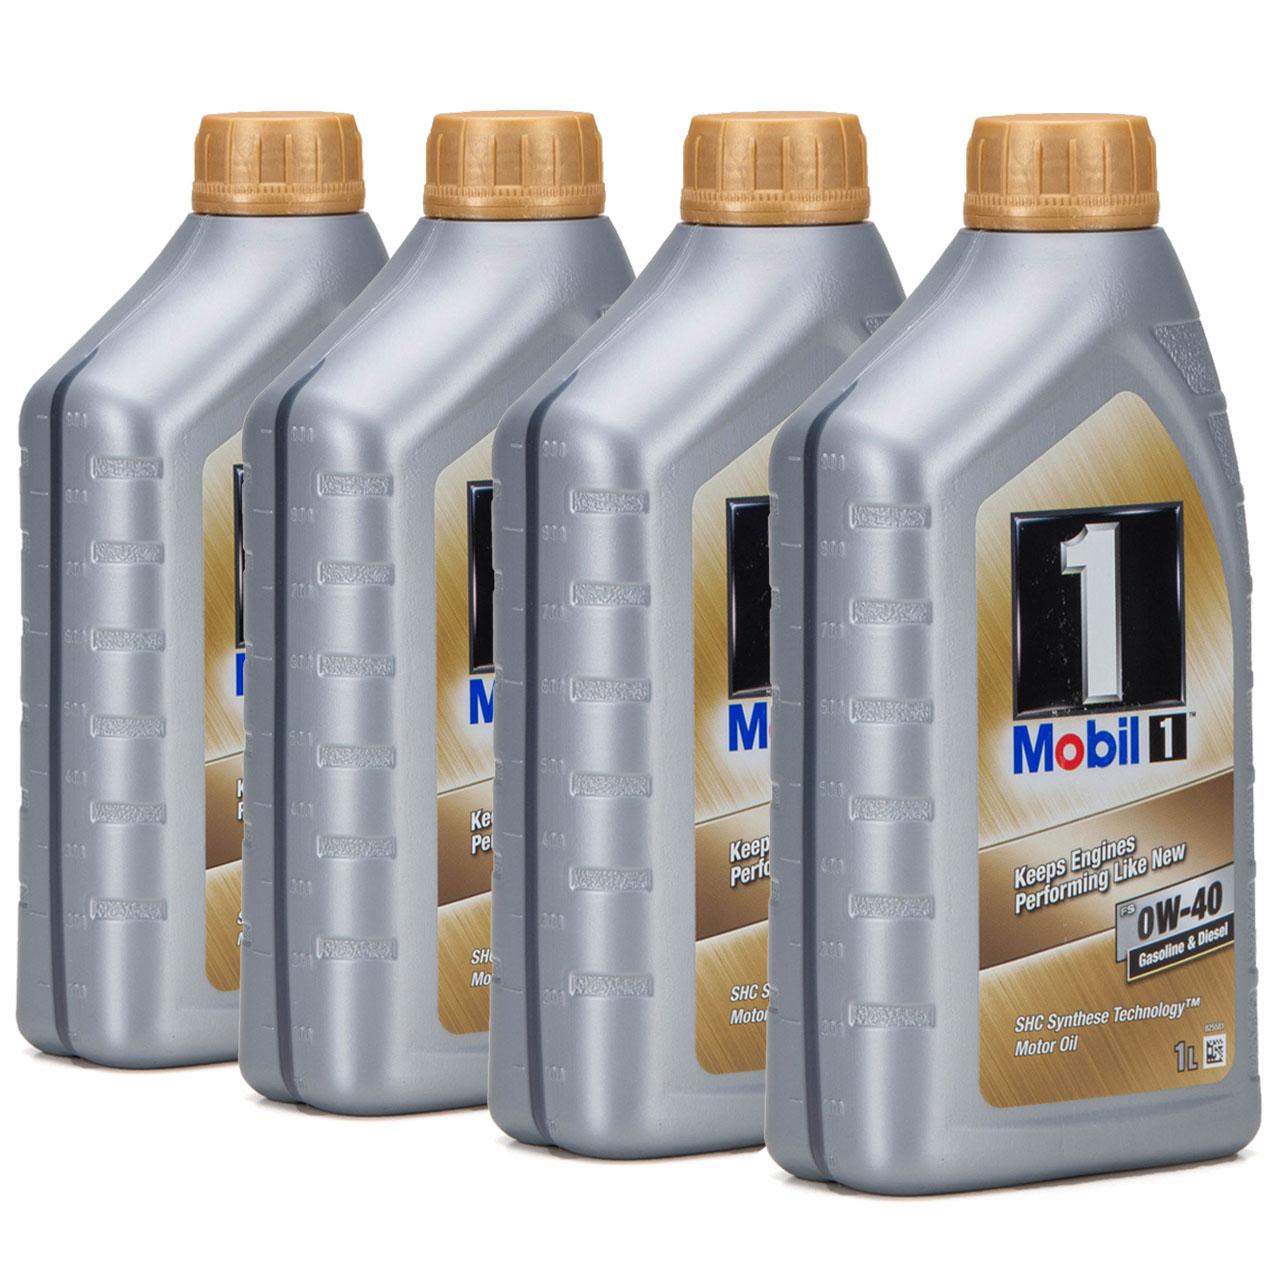 Mobil 1 FS Motoröl Öl 0W-40 0W40 MB PORSCHE A40 VW 502.00 505.00 - 4L 4 Liter